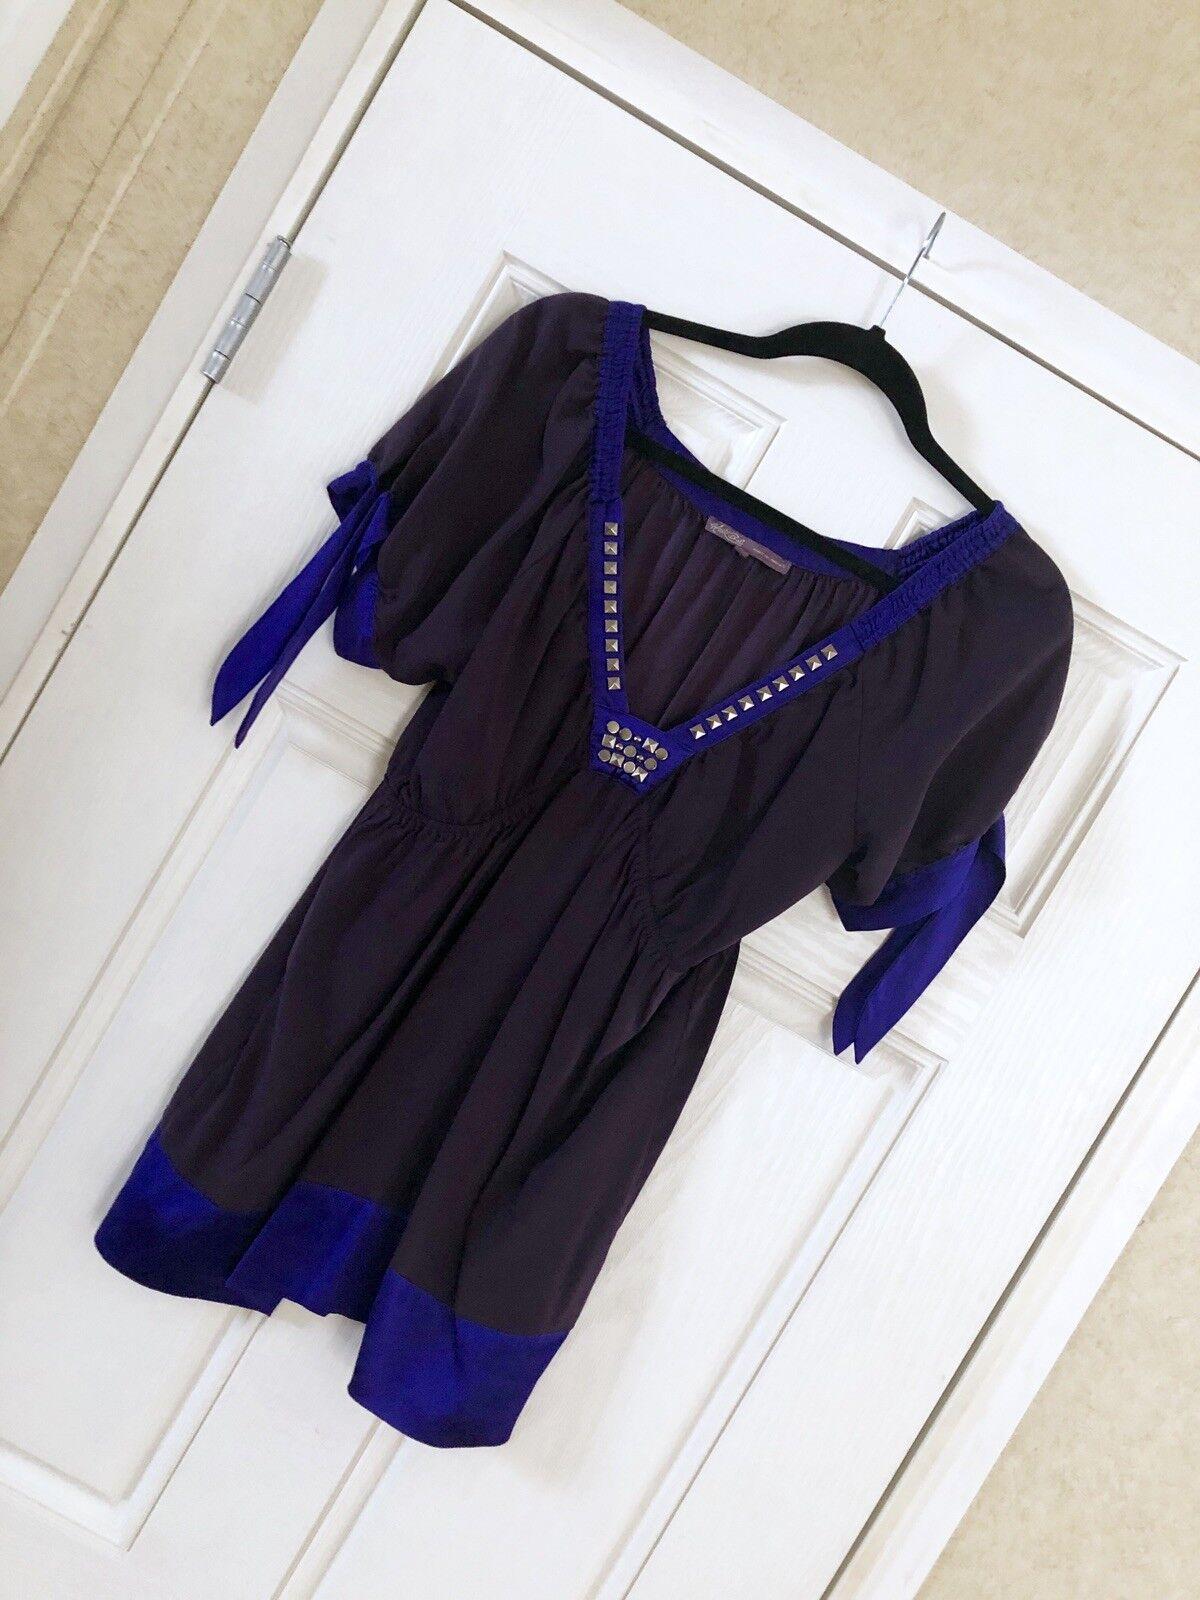 HALE BOB  schwarz & lila Babydoll Top Studded V-Neck 100% Silk  Größe Large